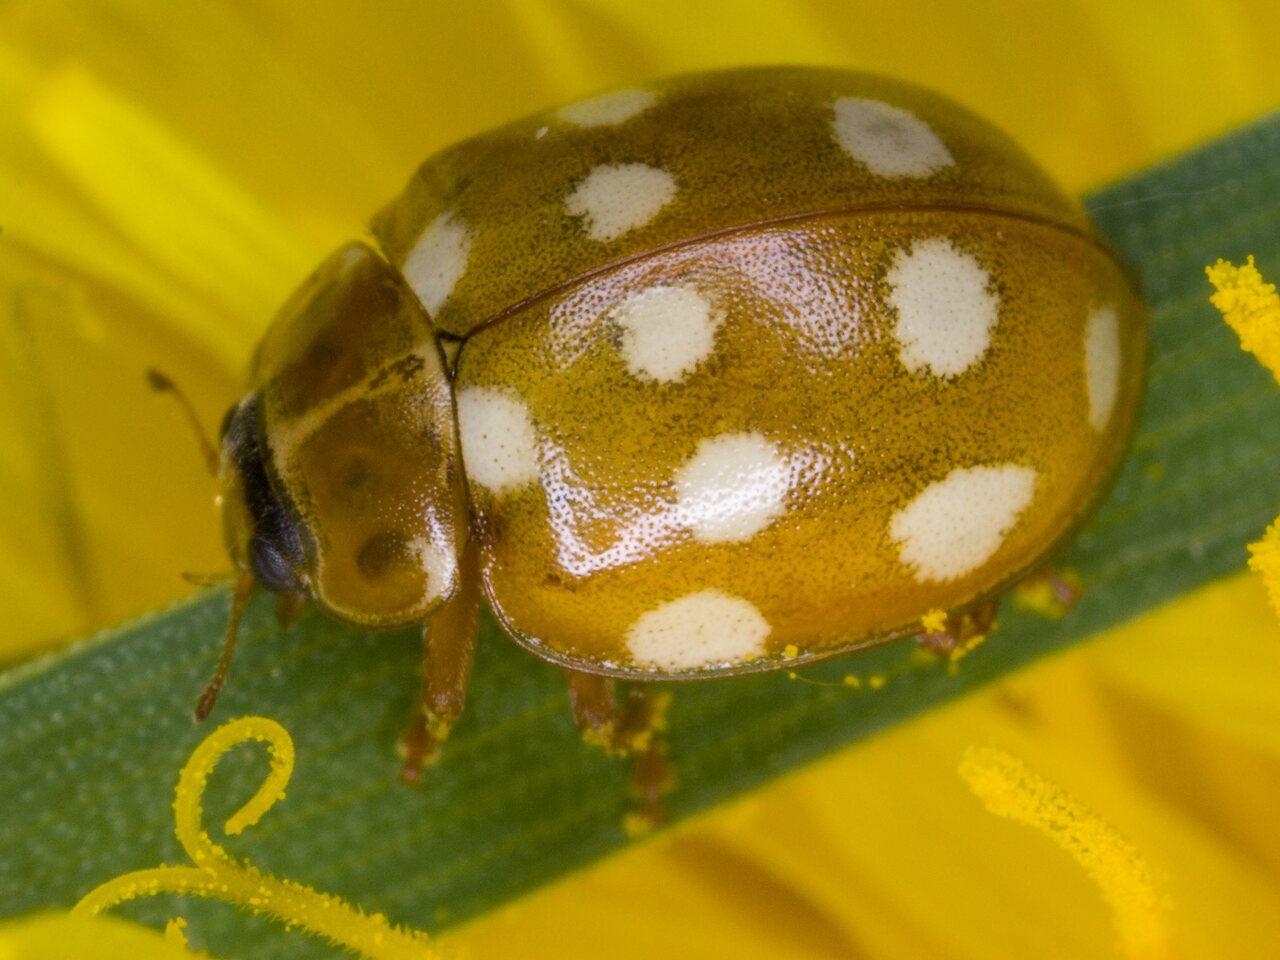 Calvia-quatuordecimguttata-3139.jpg